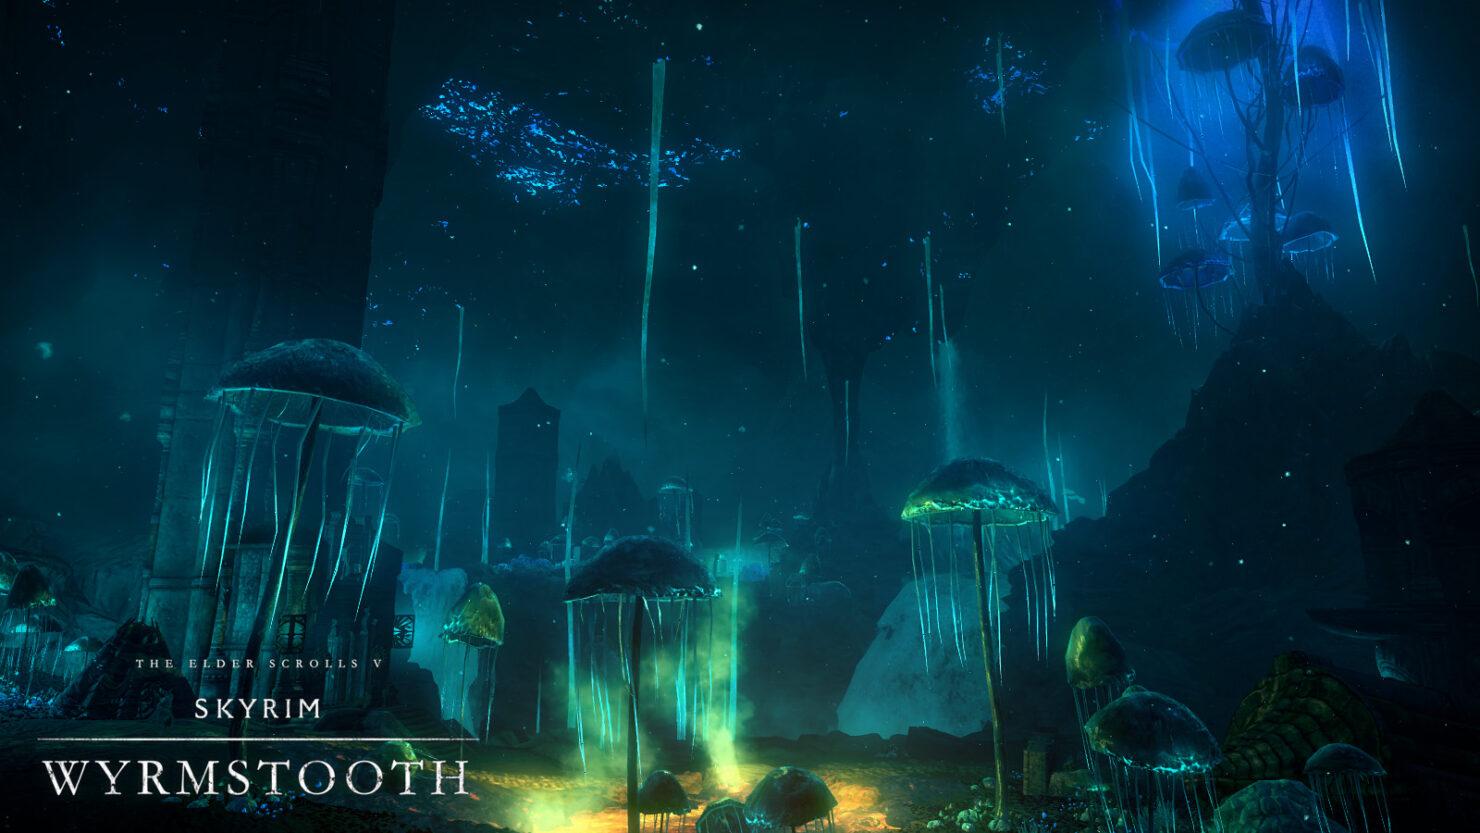 the-elder-scrolls-v-skyrim-wyrmstooth-mod-4